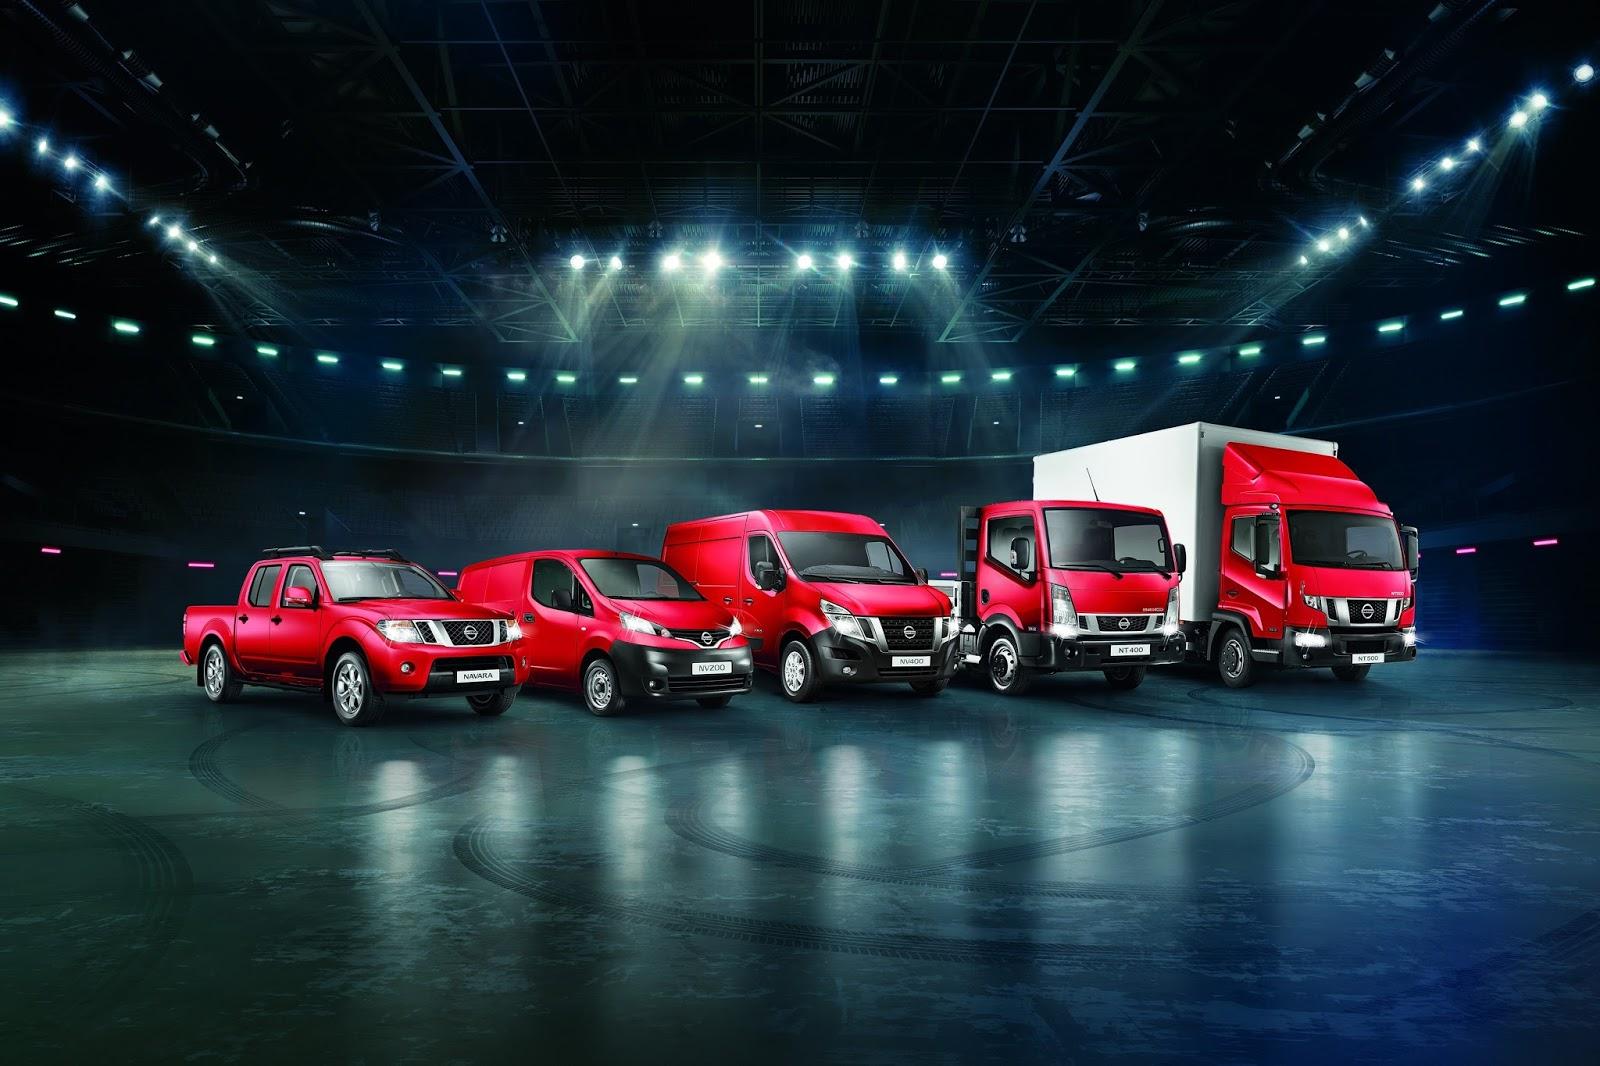 136487 1 5 Πενταετής εργοστασιακή εγγύηση και στα επαγγελματικά Nissan EVALIA, Navara, Nissan, NissanConnect, NP300, NT400 Cabstar, NT500 Atleon, NV200, NV400, Επαγγελματικά, εργοστασιακή εγγύηση